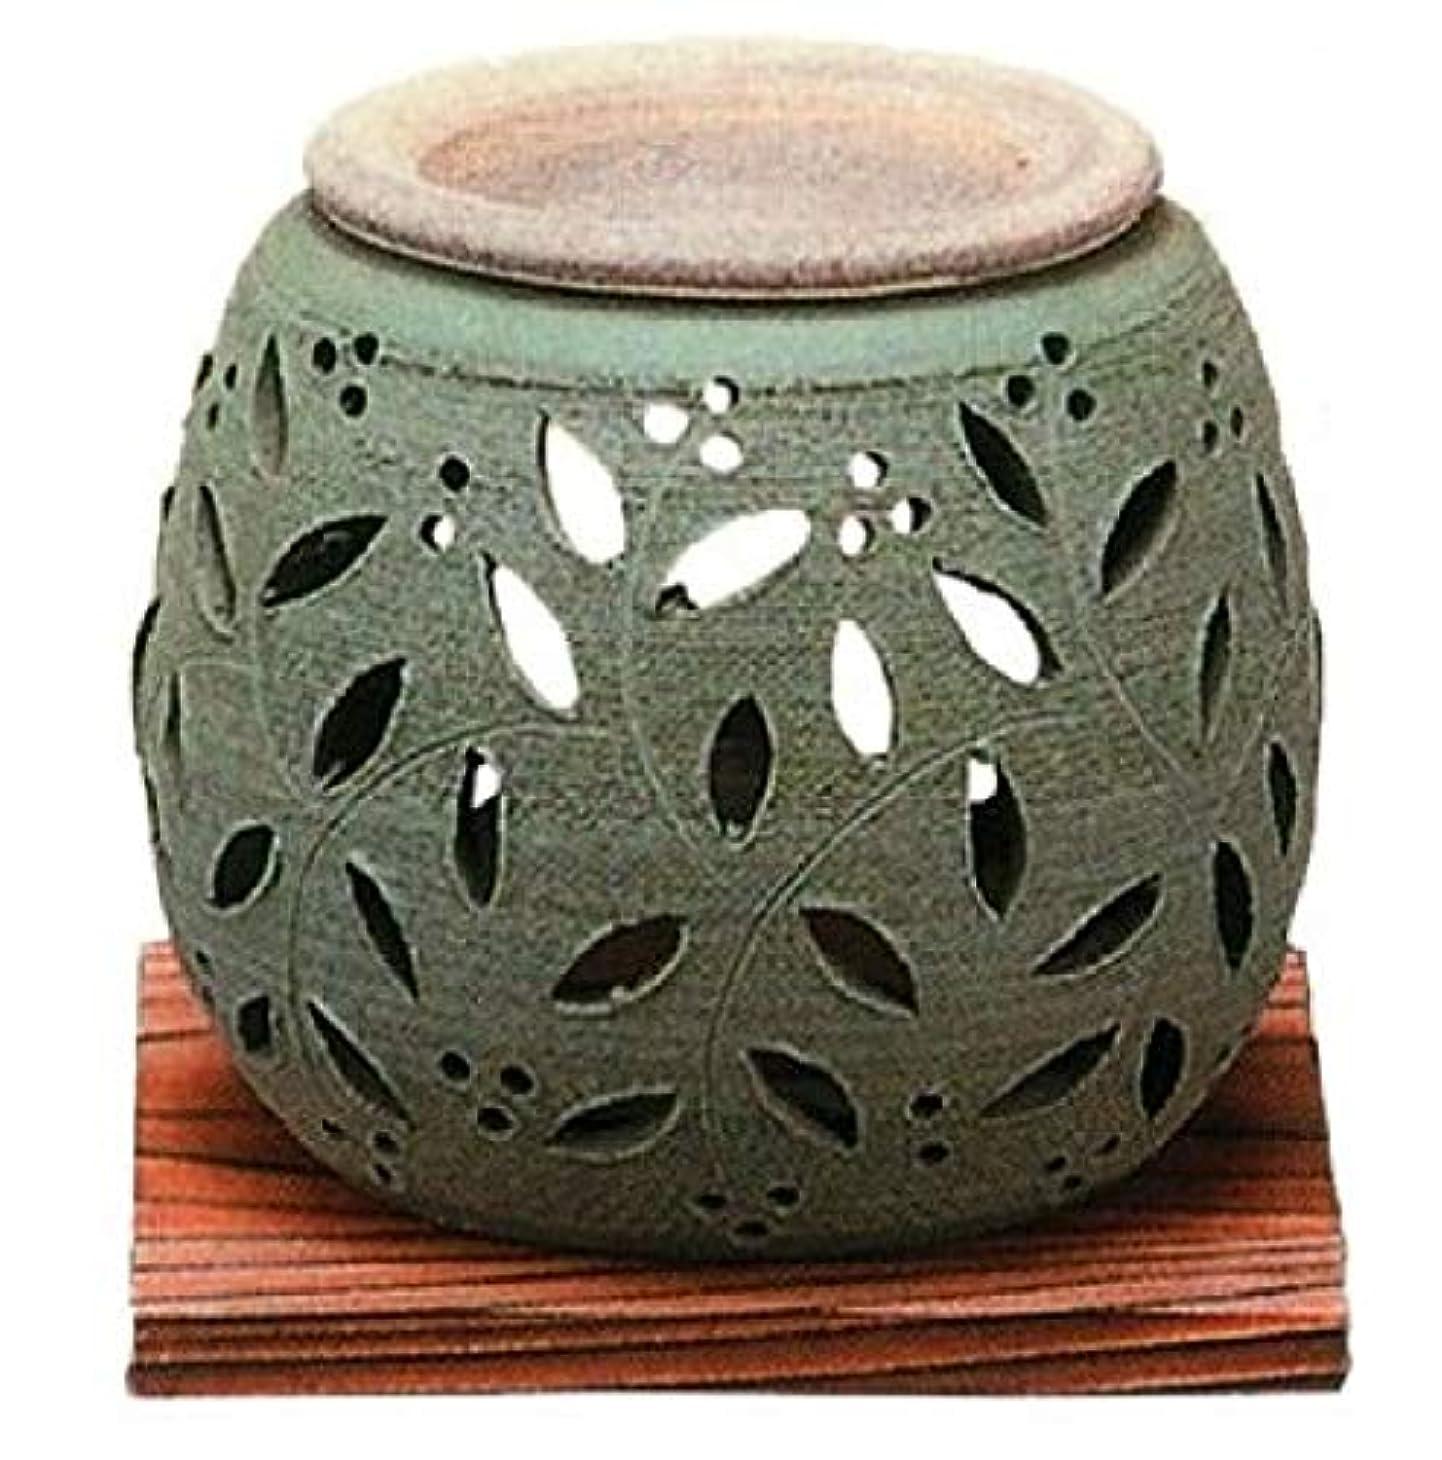 浪費鎖伝統的常滑焼?石龍窯 カ38-06 茶香炉 ダテ花 焼杉板付 径10×10cm